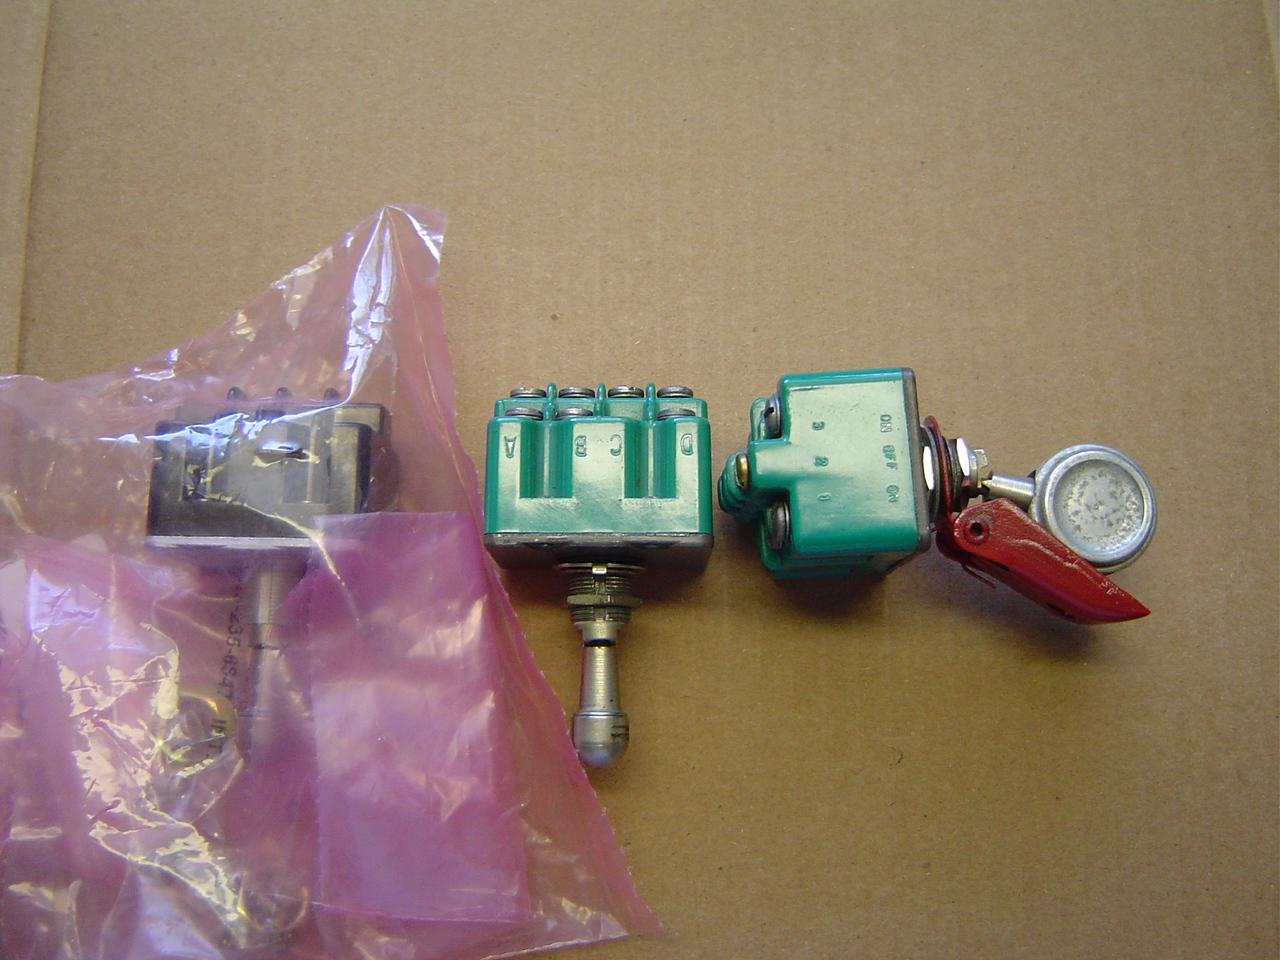 487-865 ref Landing gear selector switch